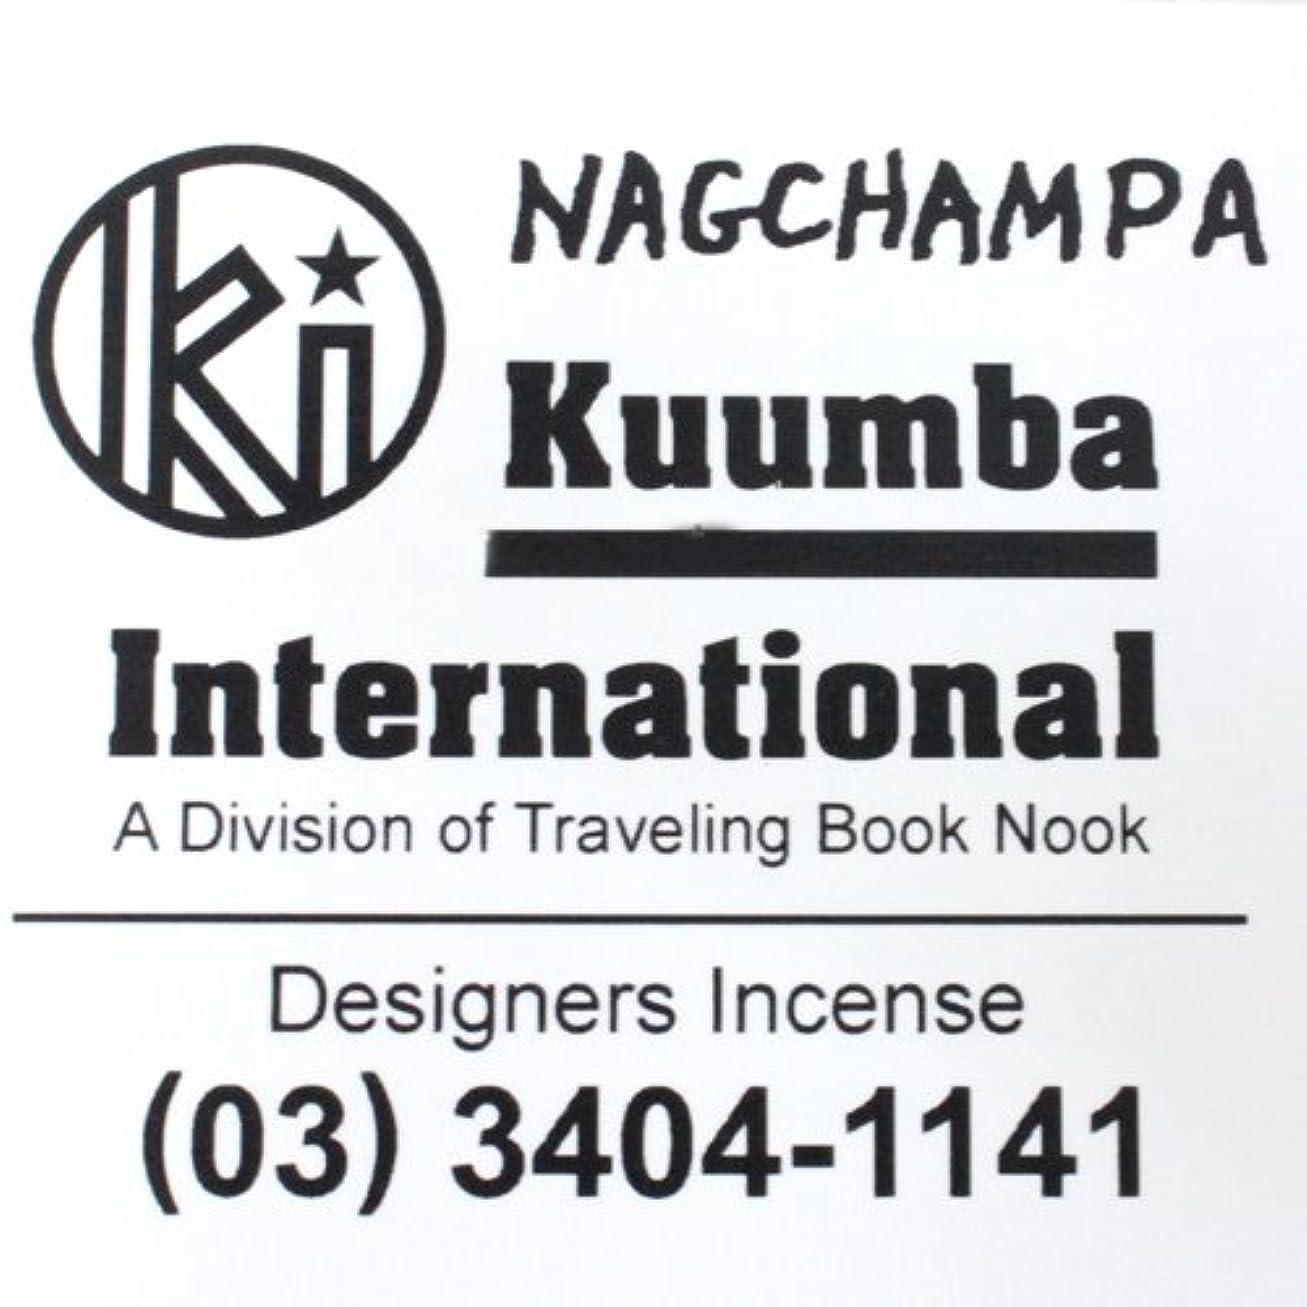 平手打ち相続人投げるKUUMBA (クンバ)『incense』(NAGCHAMPA) (Regular size)